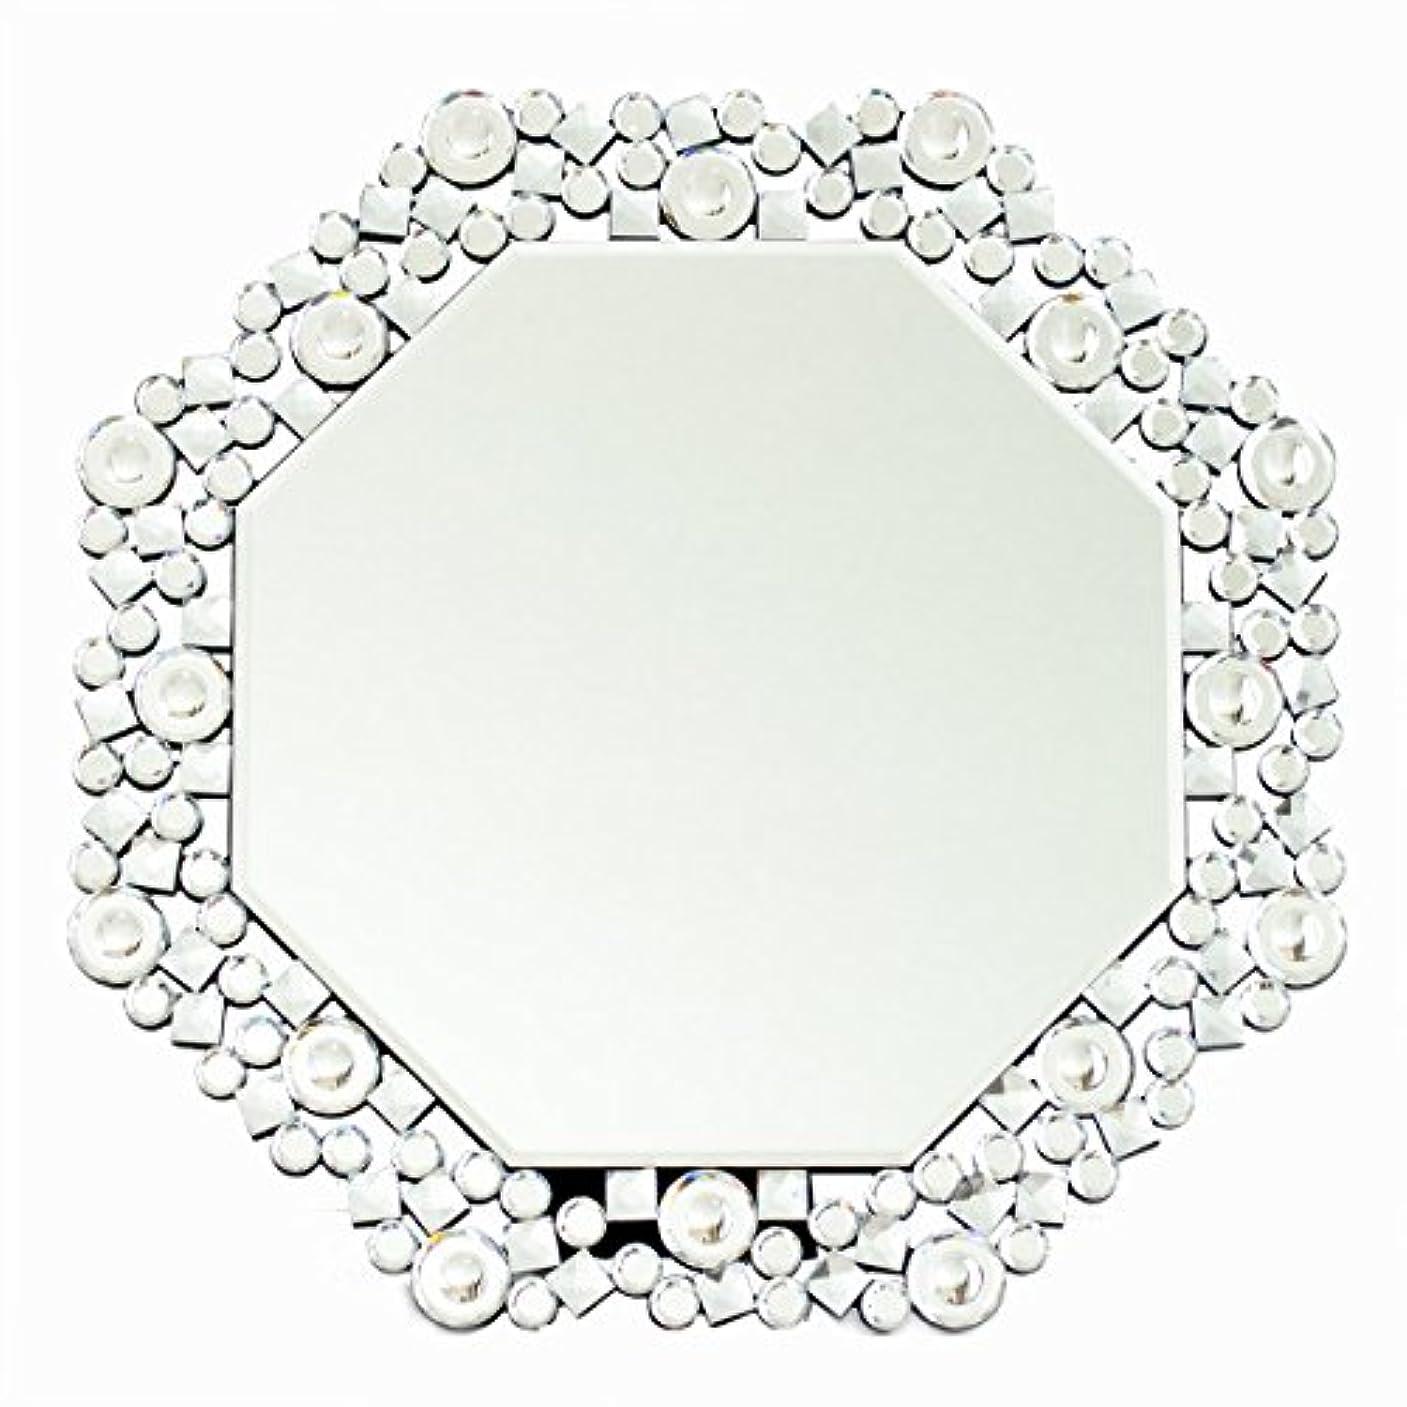 憤る円形異常クロシオ テーブル ミラー 8角 Octa クリスタル 幅51.5cm 卓上ミラー 壁掛けミラー 豪華 ラグジュアリー 081016